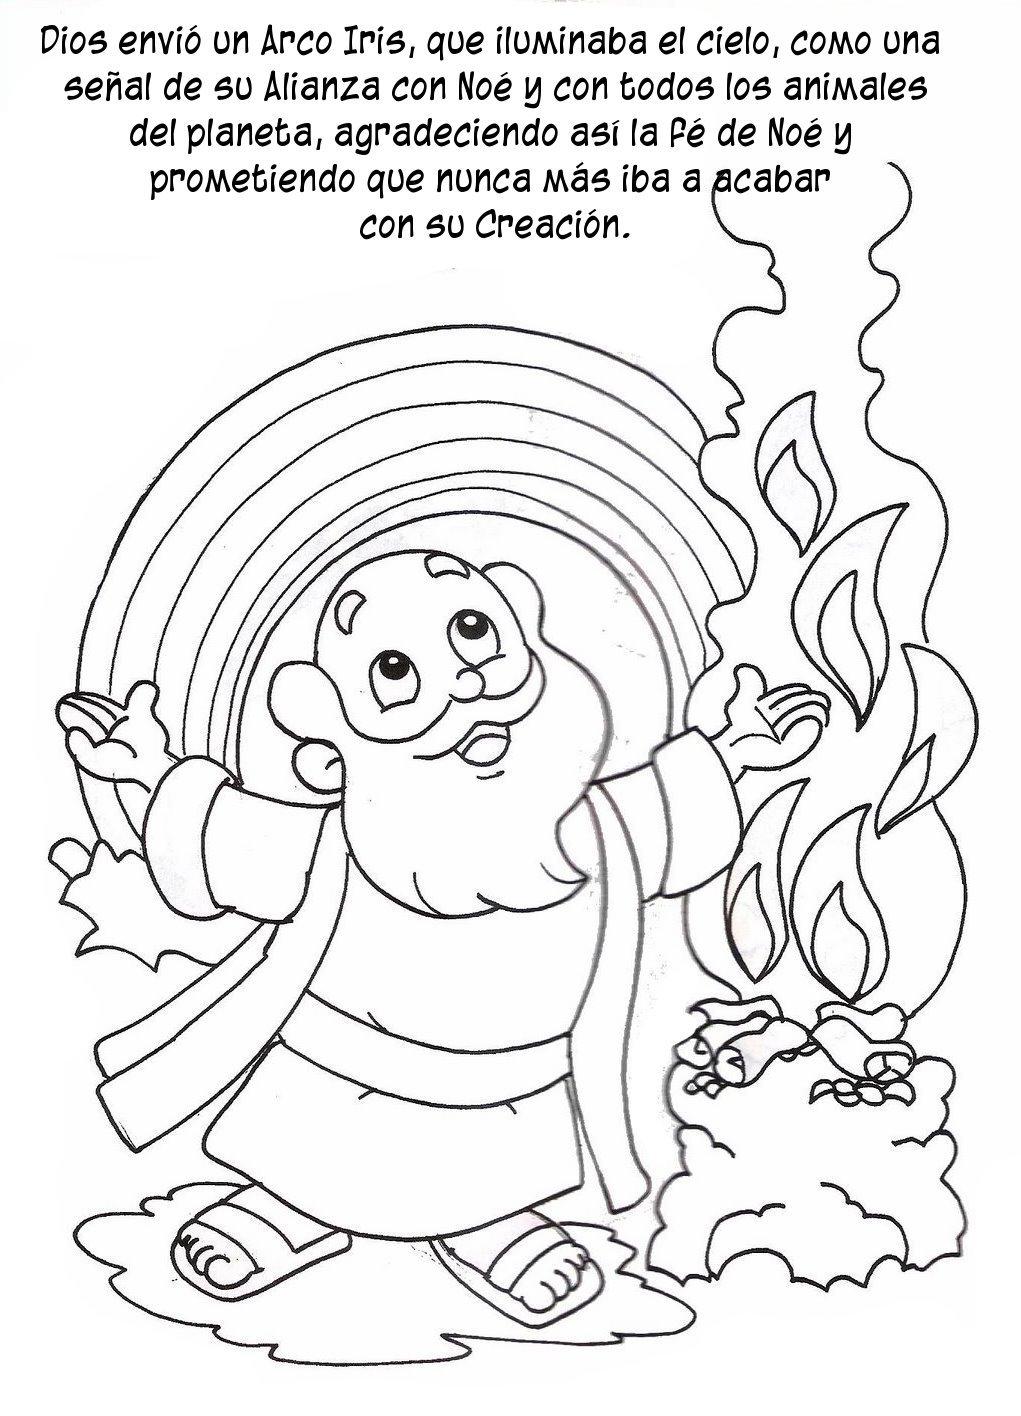 Excepcional Páginas Para Colorear Arcoiris Para Niños Galería ...